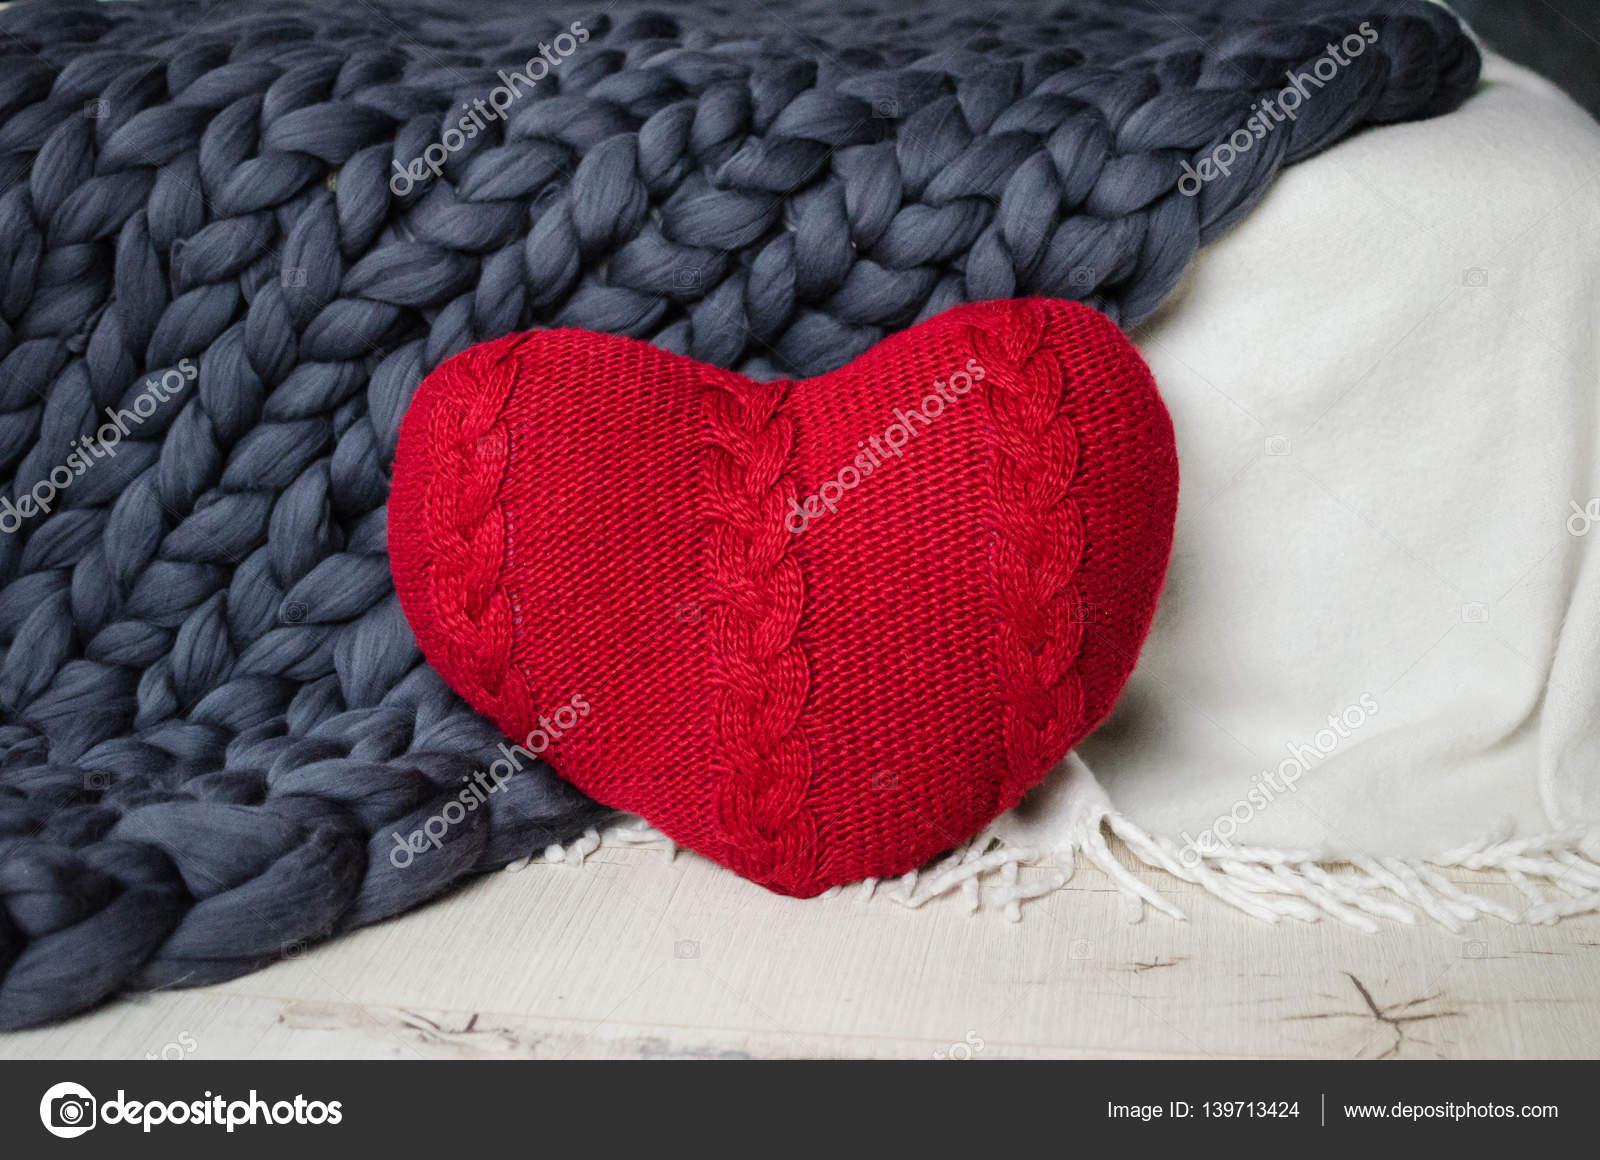 Rotes Herz auf eine gestrickte Decke stricken — Stockfoto © chaos_08 ...